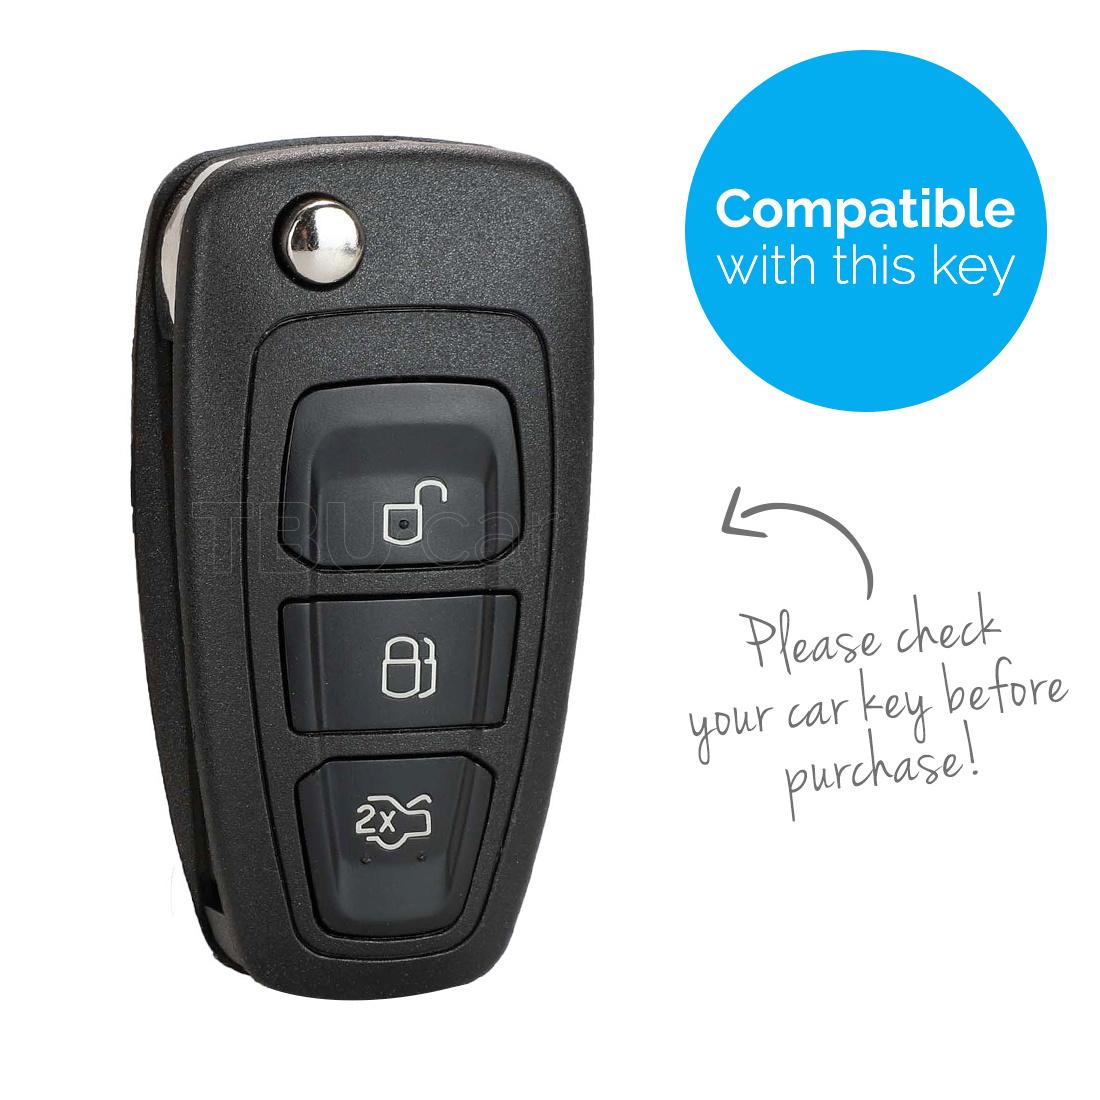 TBU car Autoschlüssel Hülle für Ford 3 Tasten - Schutzhülle aus Silikon - Auto Schlüsselhülle Cover in Glow in the dark